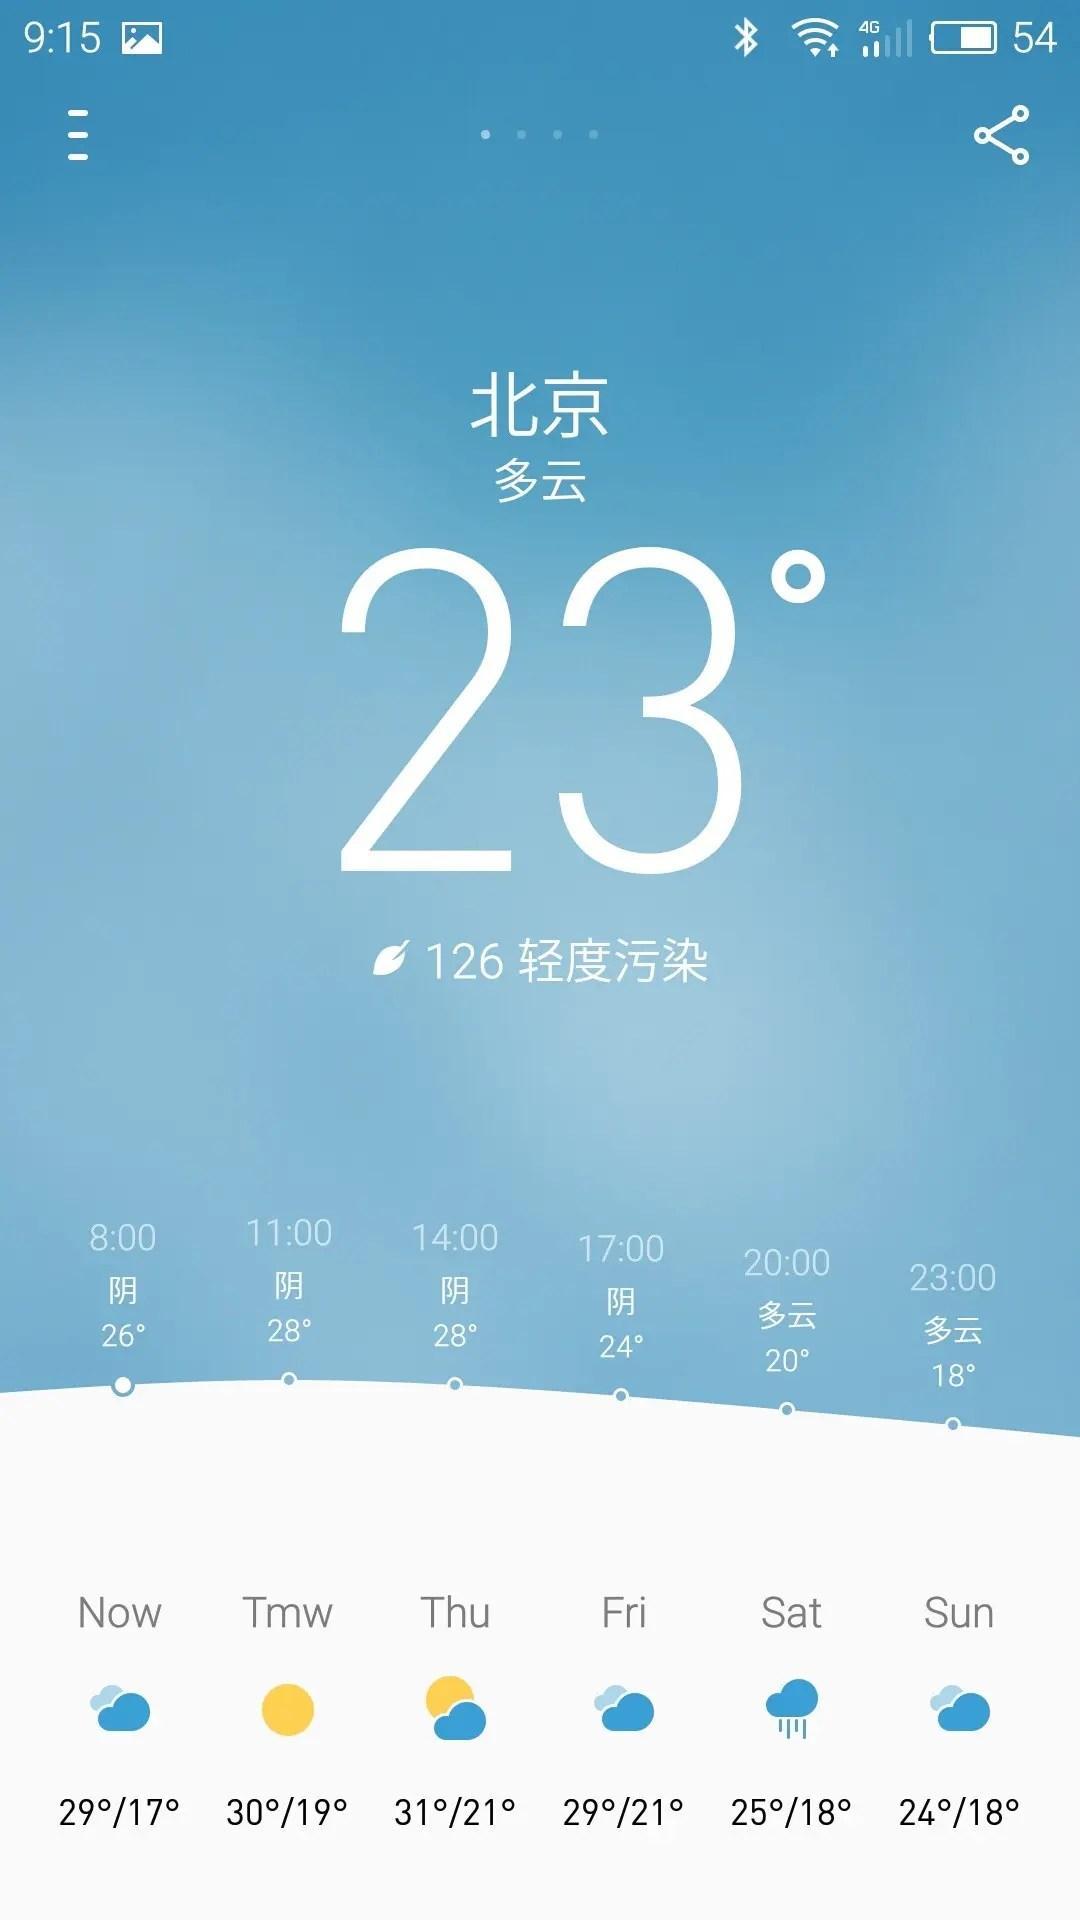 北京の天気予報が表示される